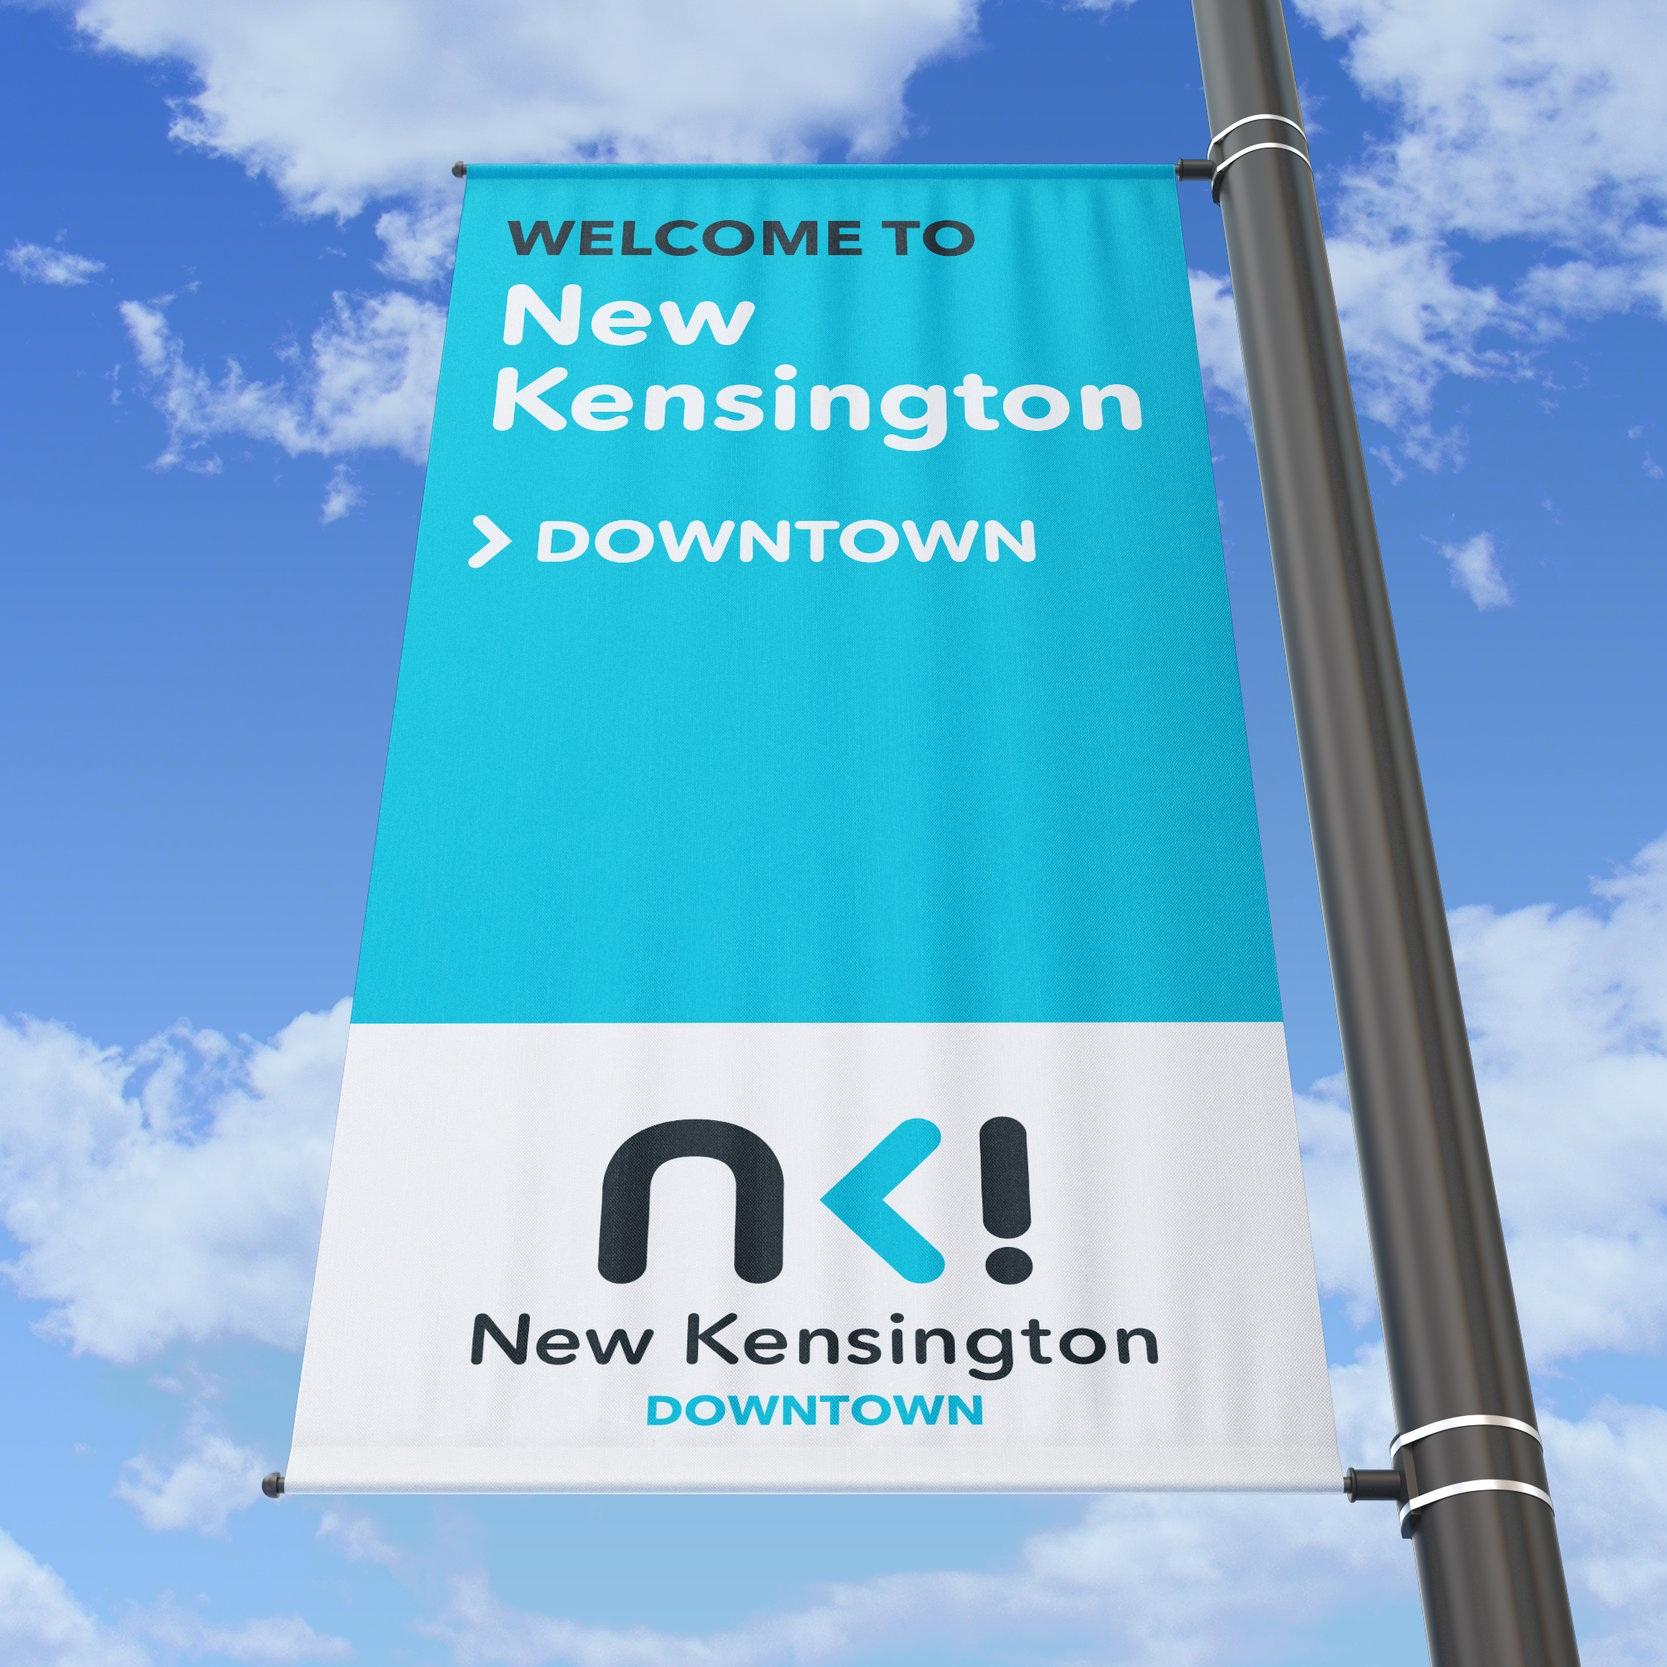 NewKen_Welcome_Poster_Concept1_Downtown.jpg